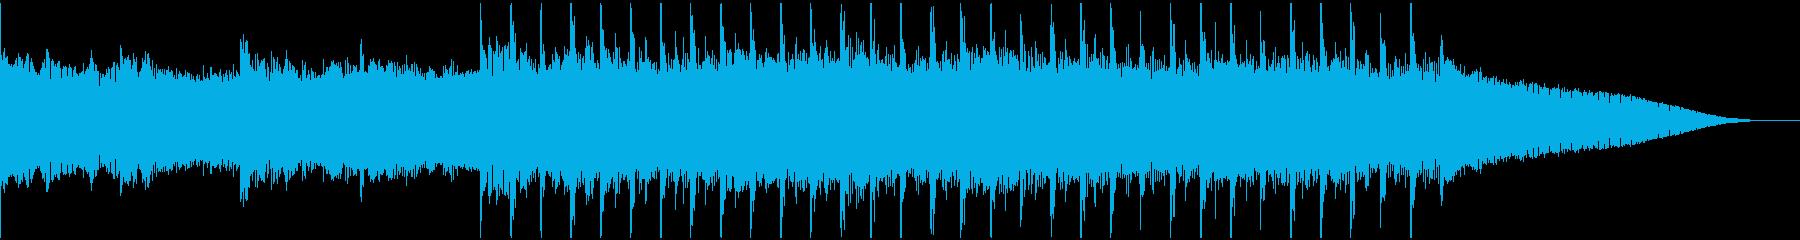 30秒企業VP,コーポレート,明るく元気の再生済みの波形